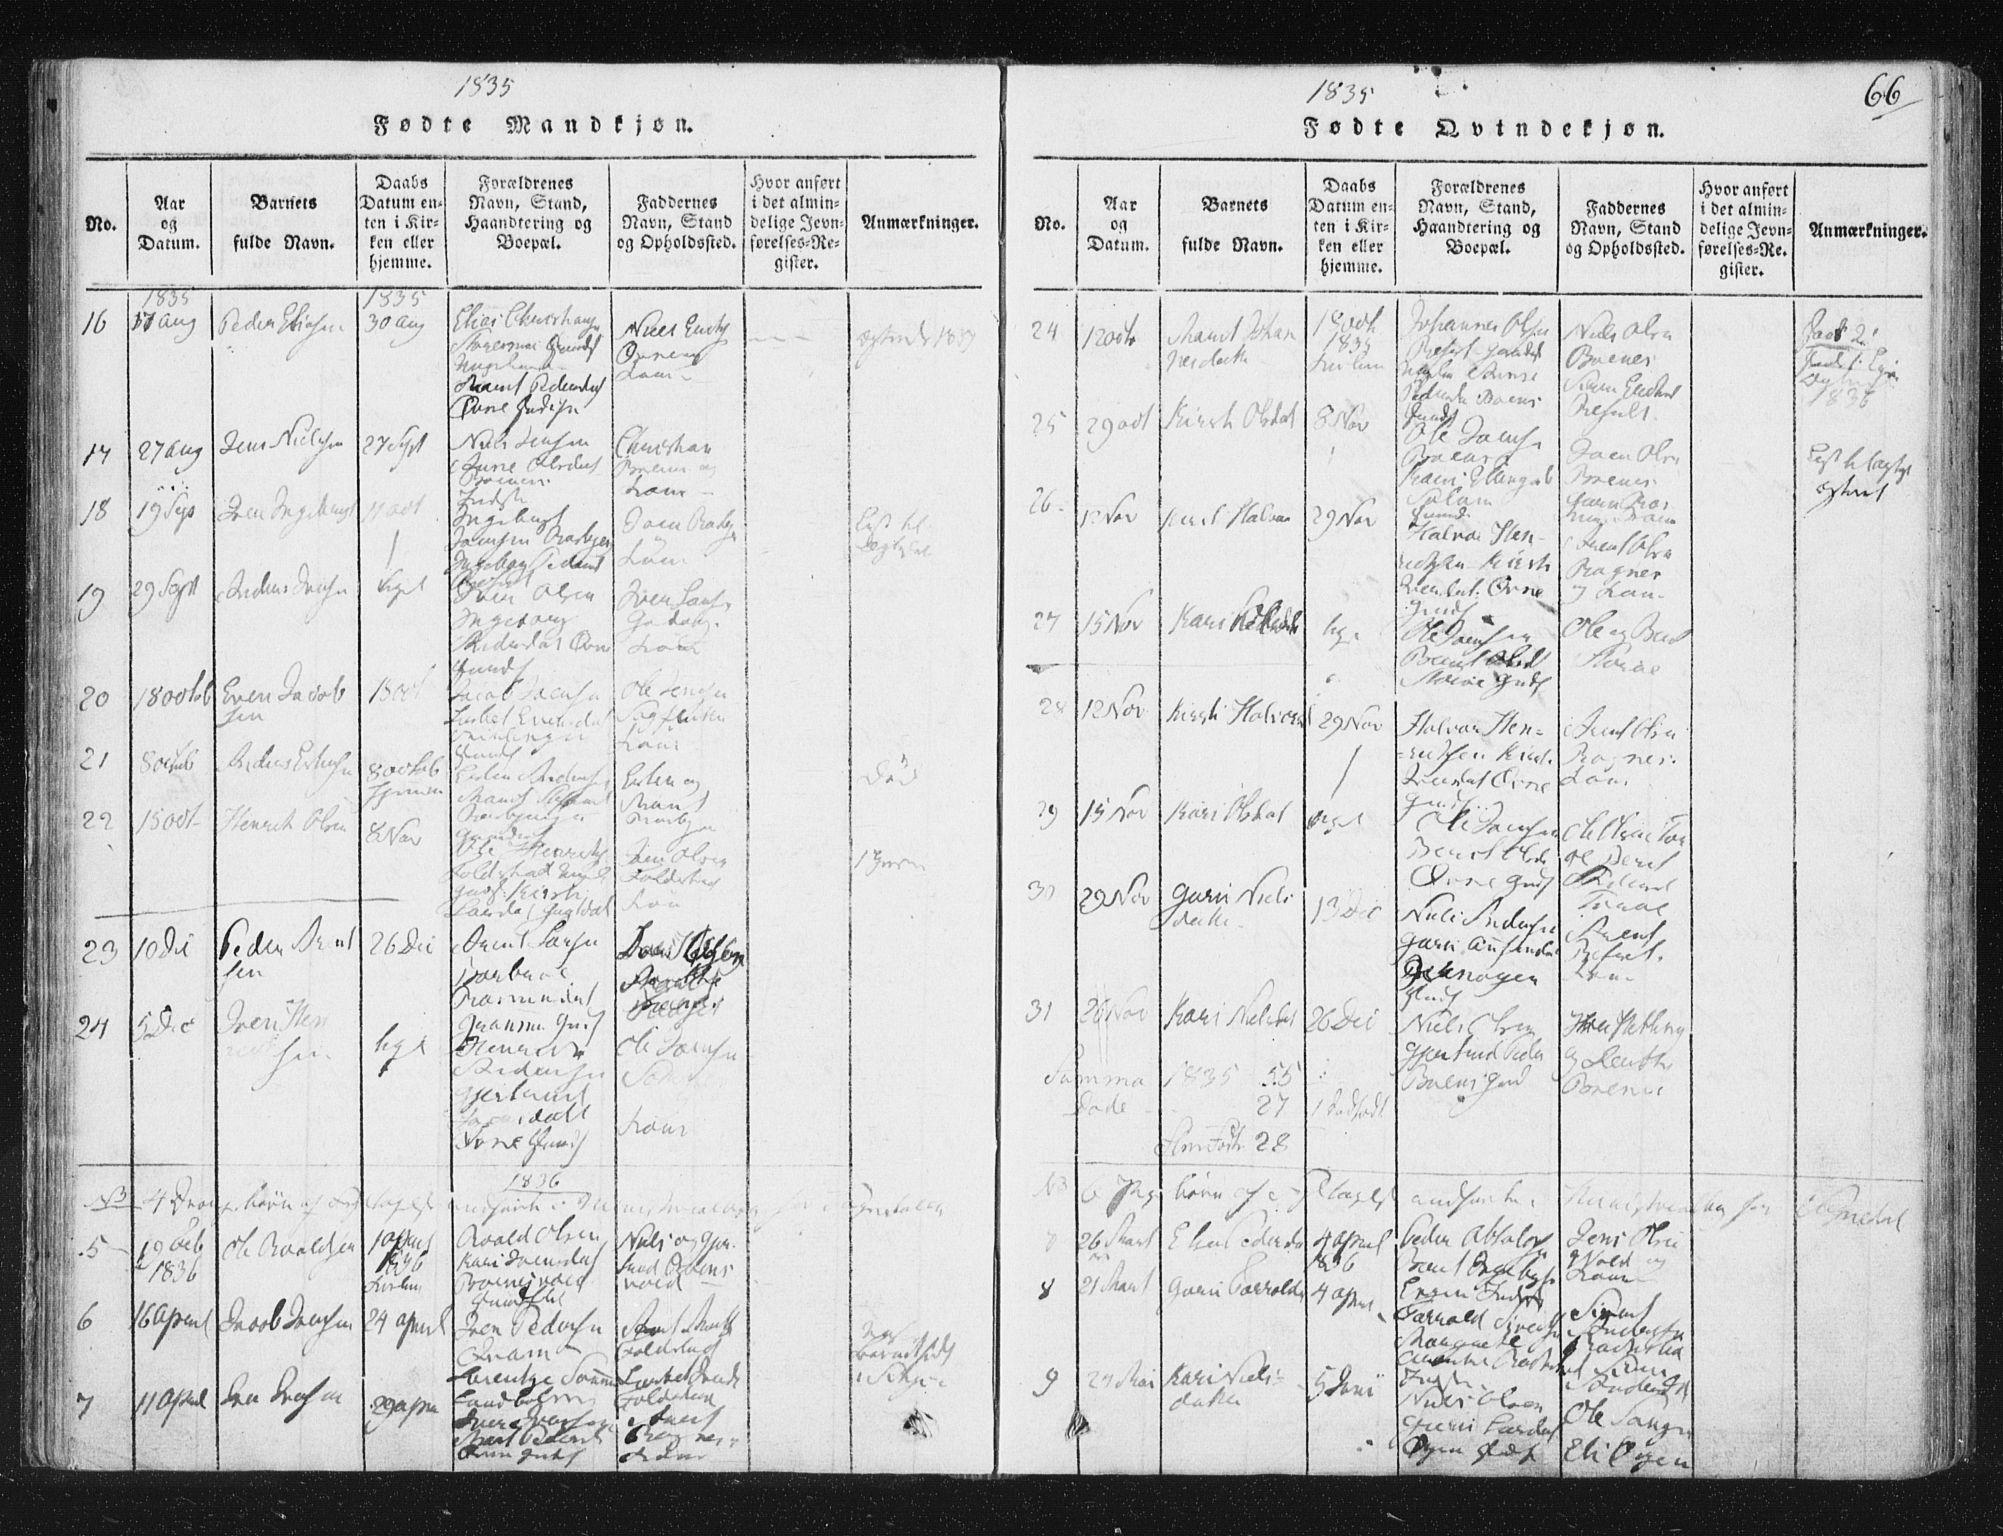 SAT, Ministerialprotokoller, klokkerbøker og fødselsregistre - Sør-Trøndelag, 687/L0996: Ministerialbok nr. 687A04, 1816-1842, s. 66